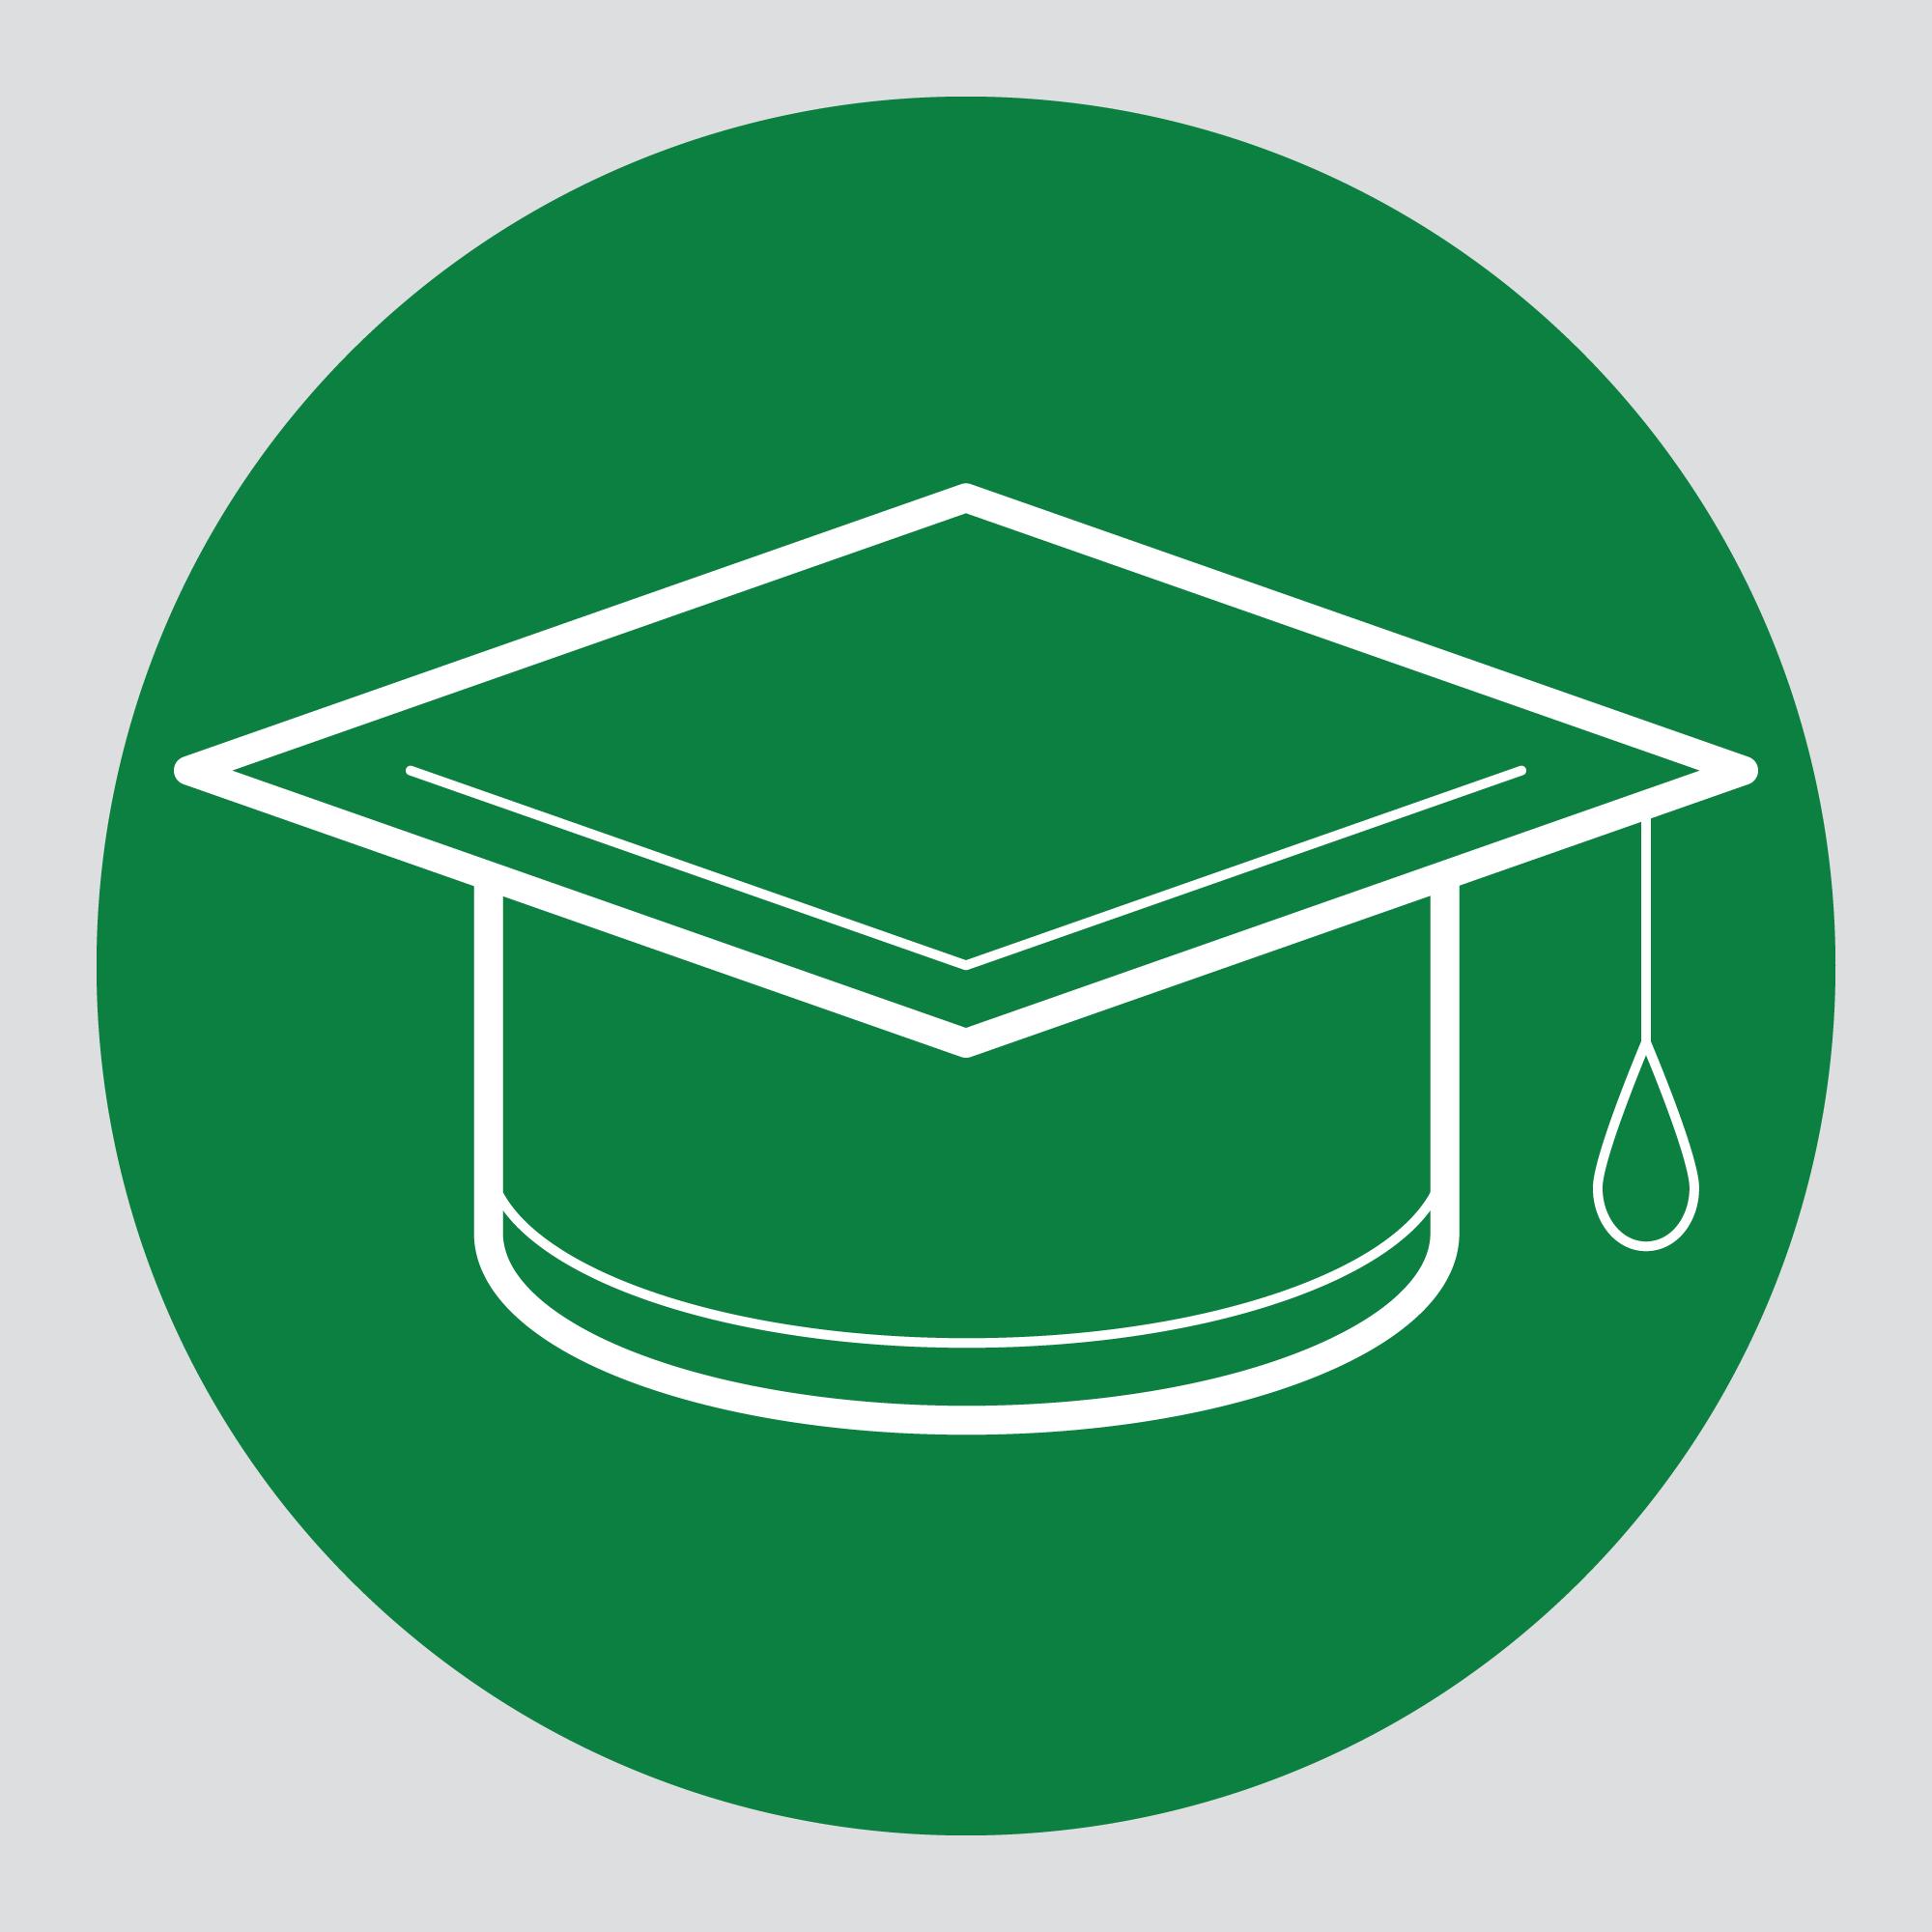 graduation-cap-icon-featured-image